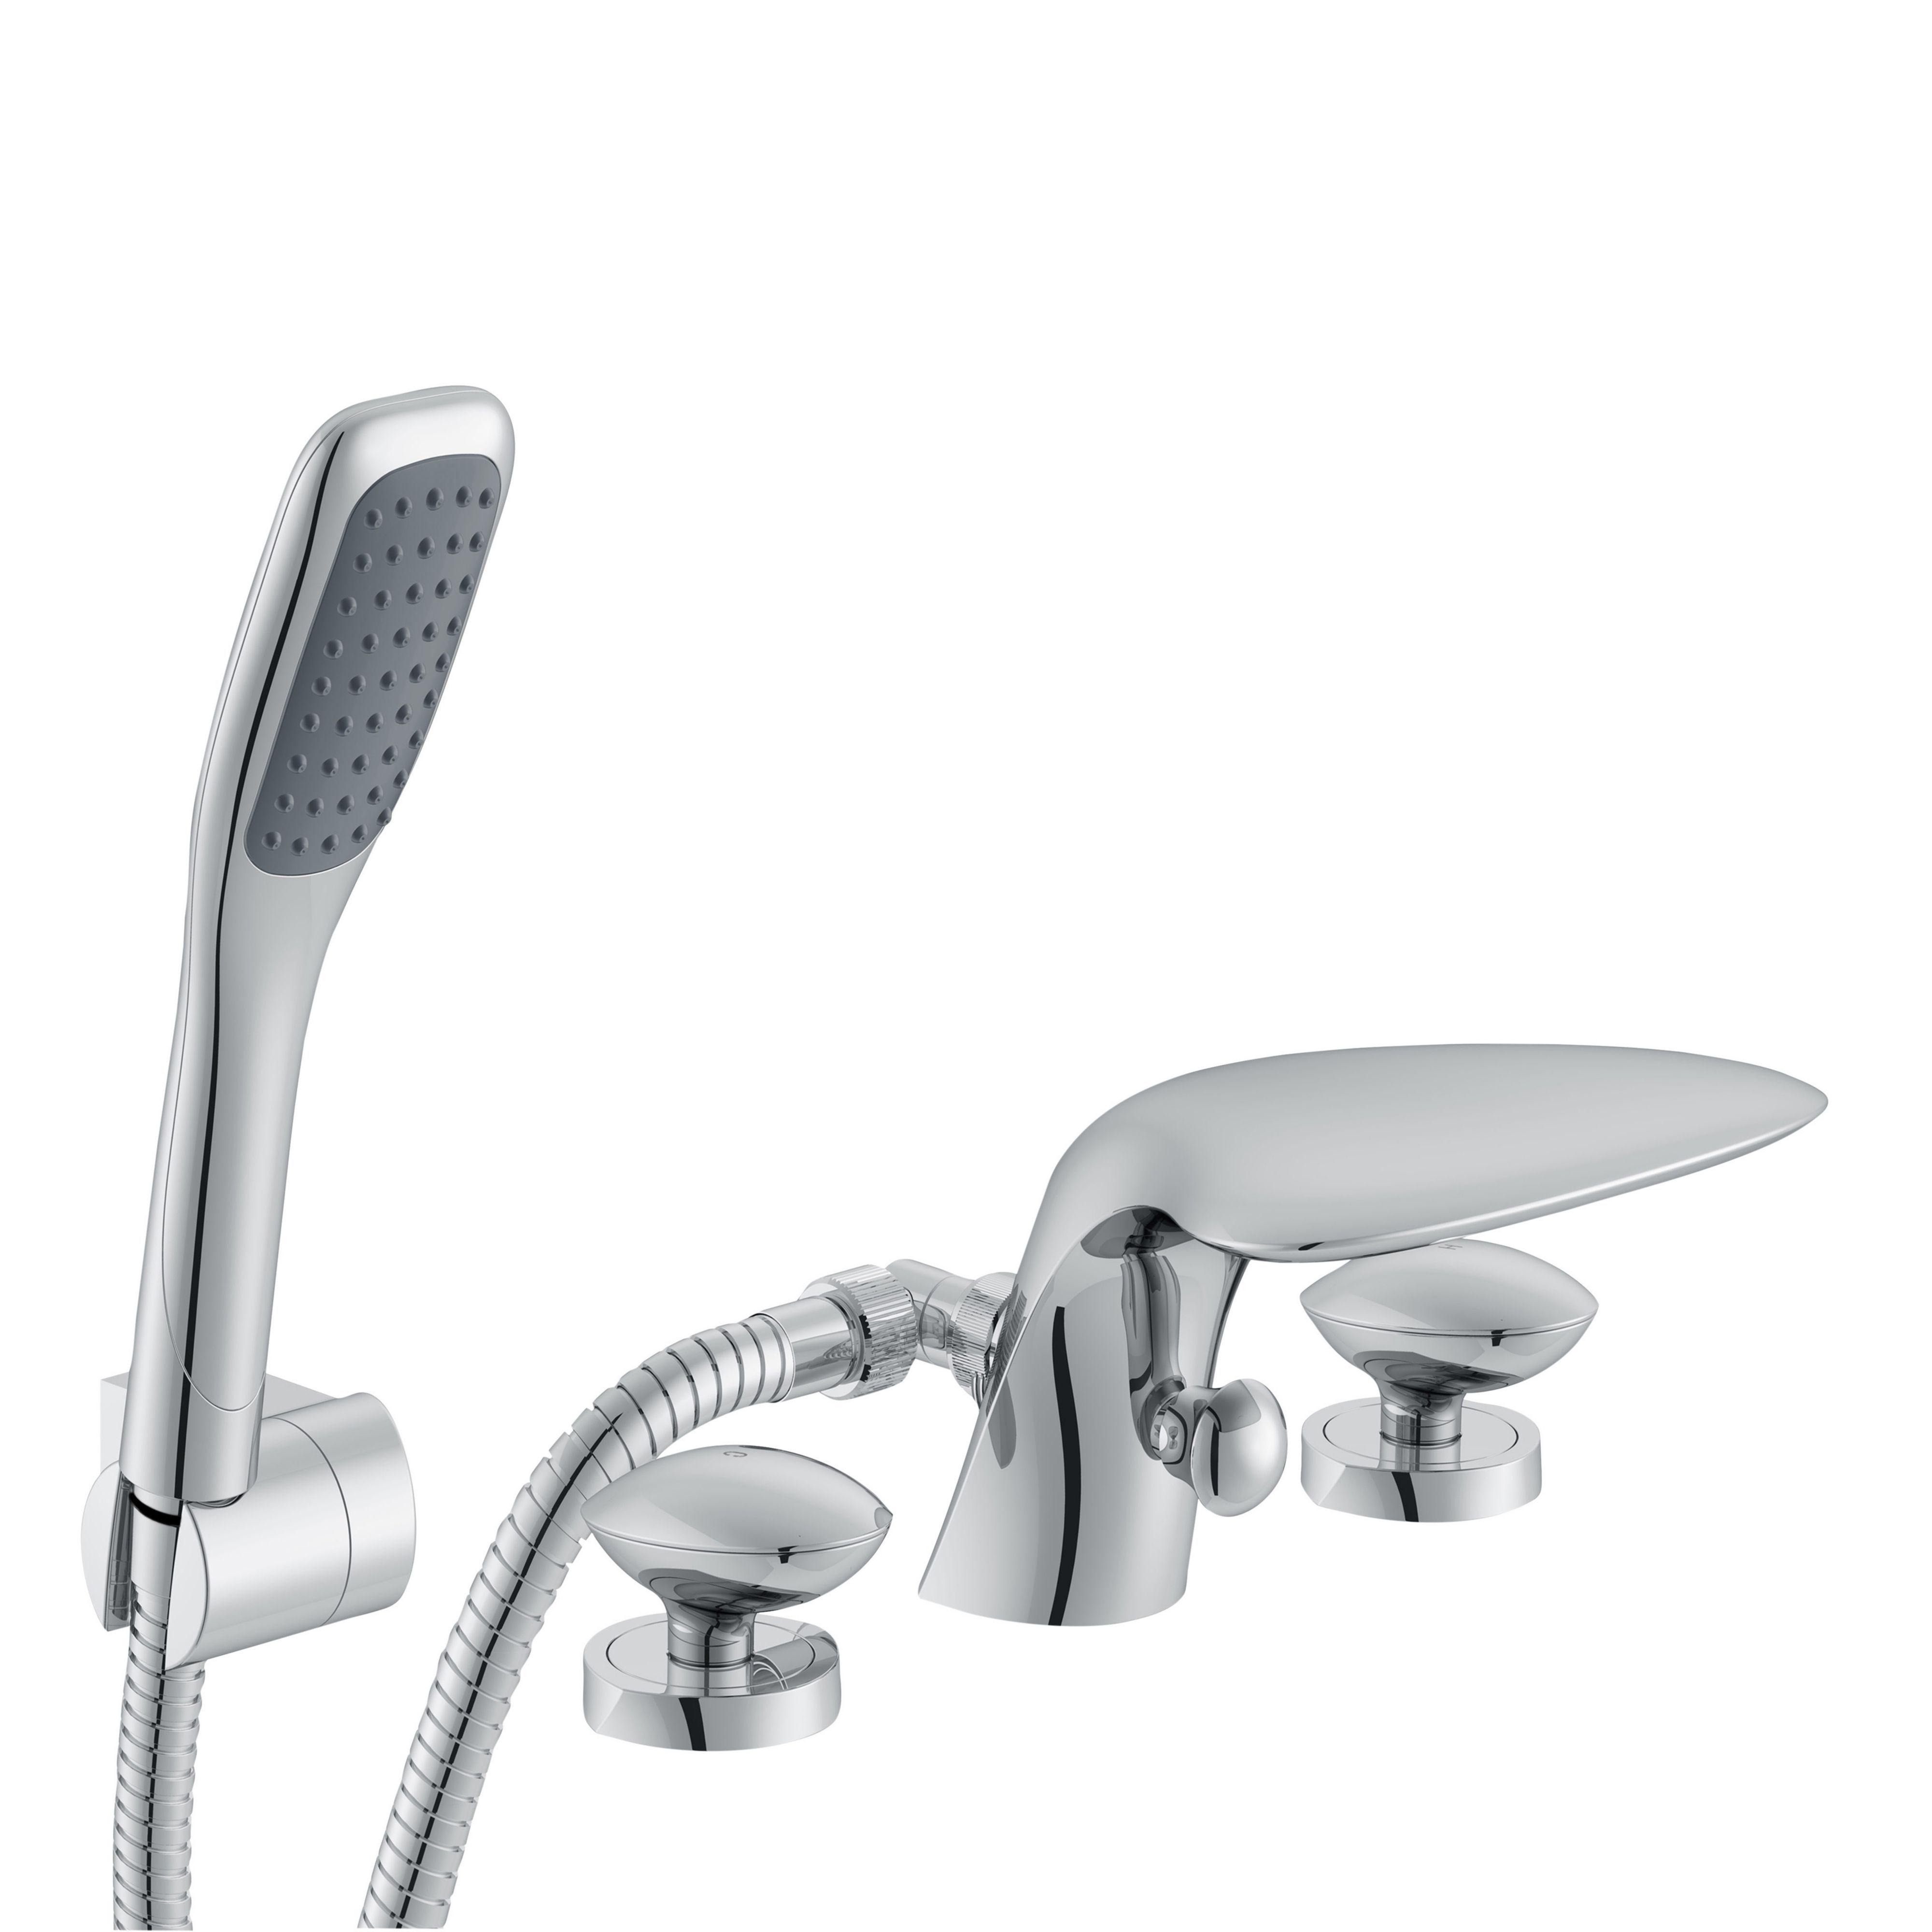 cooke lewis pebble chrome bath shower mixer tap departments cooke lewis pebble chrome bath shower mixer tap departments diy at b q